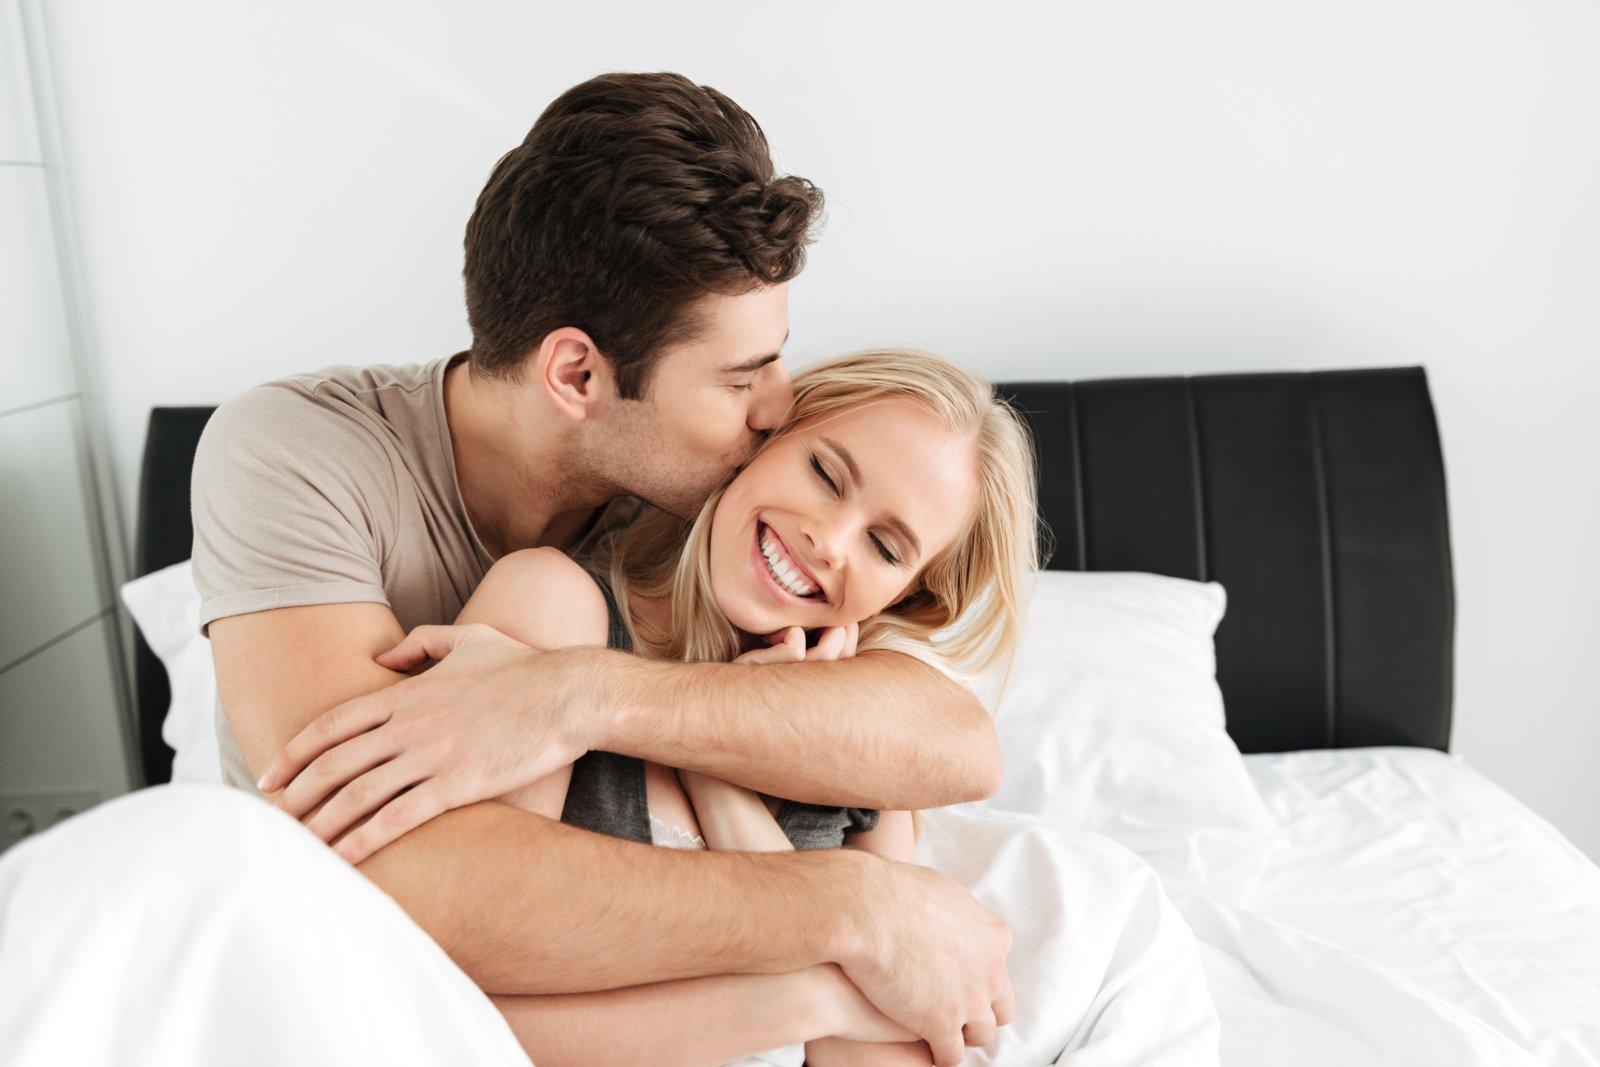 6 ženklai, kad vyras jumis domisi